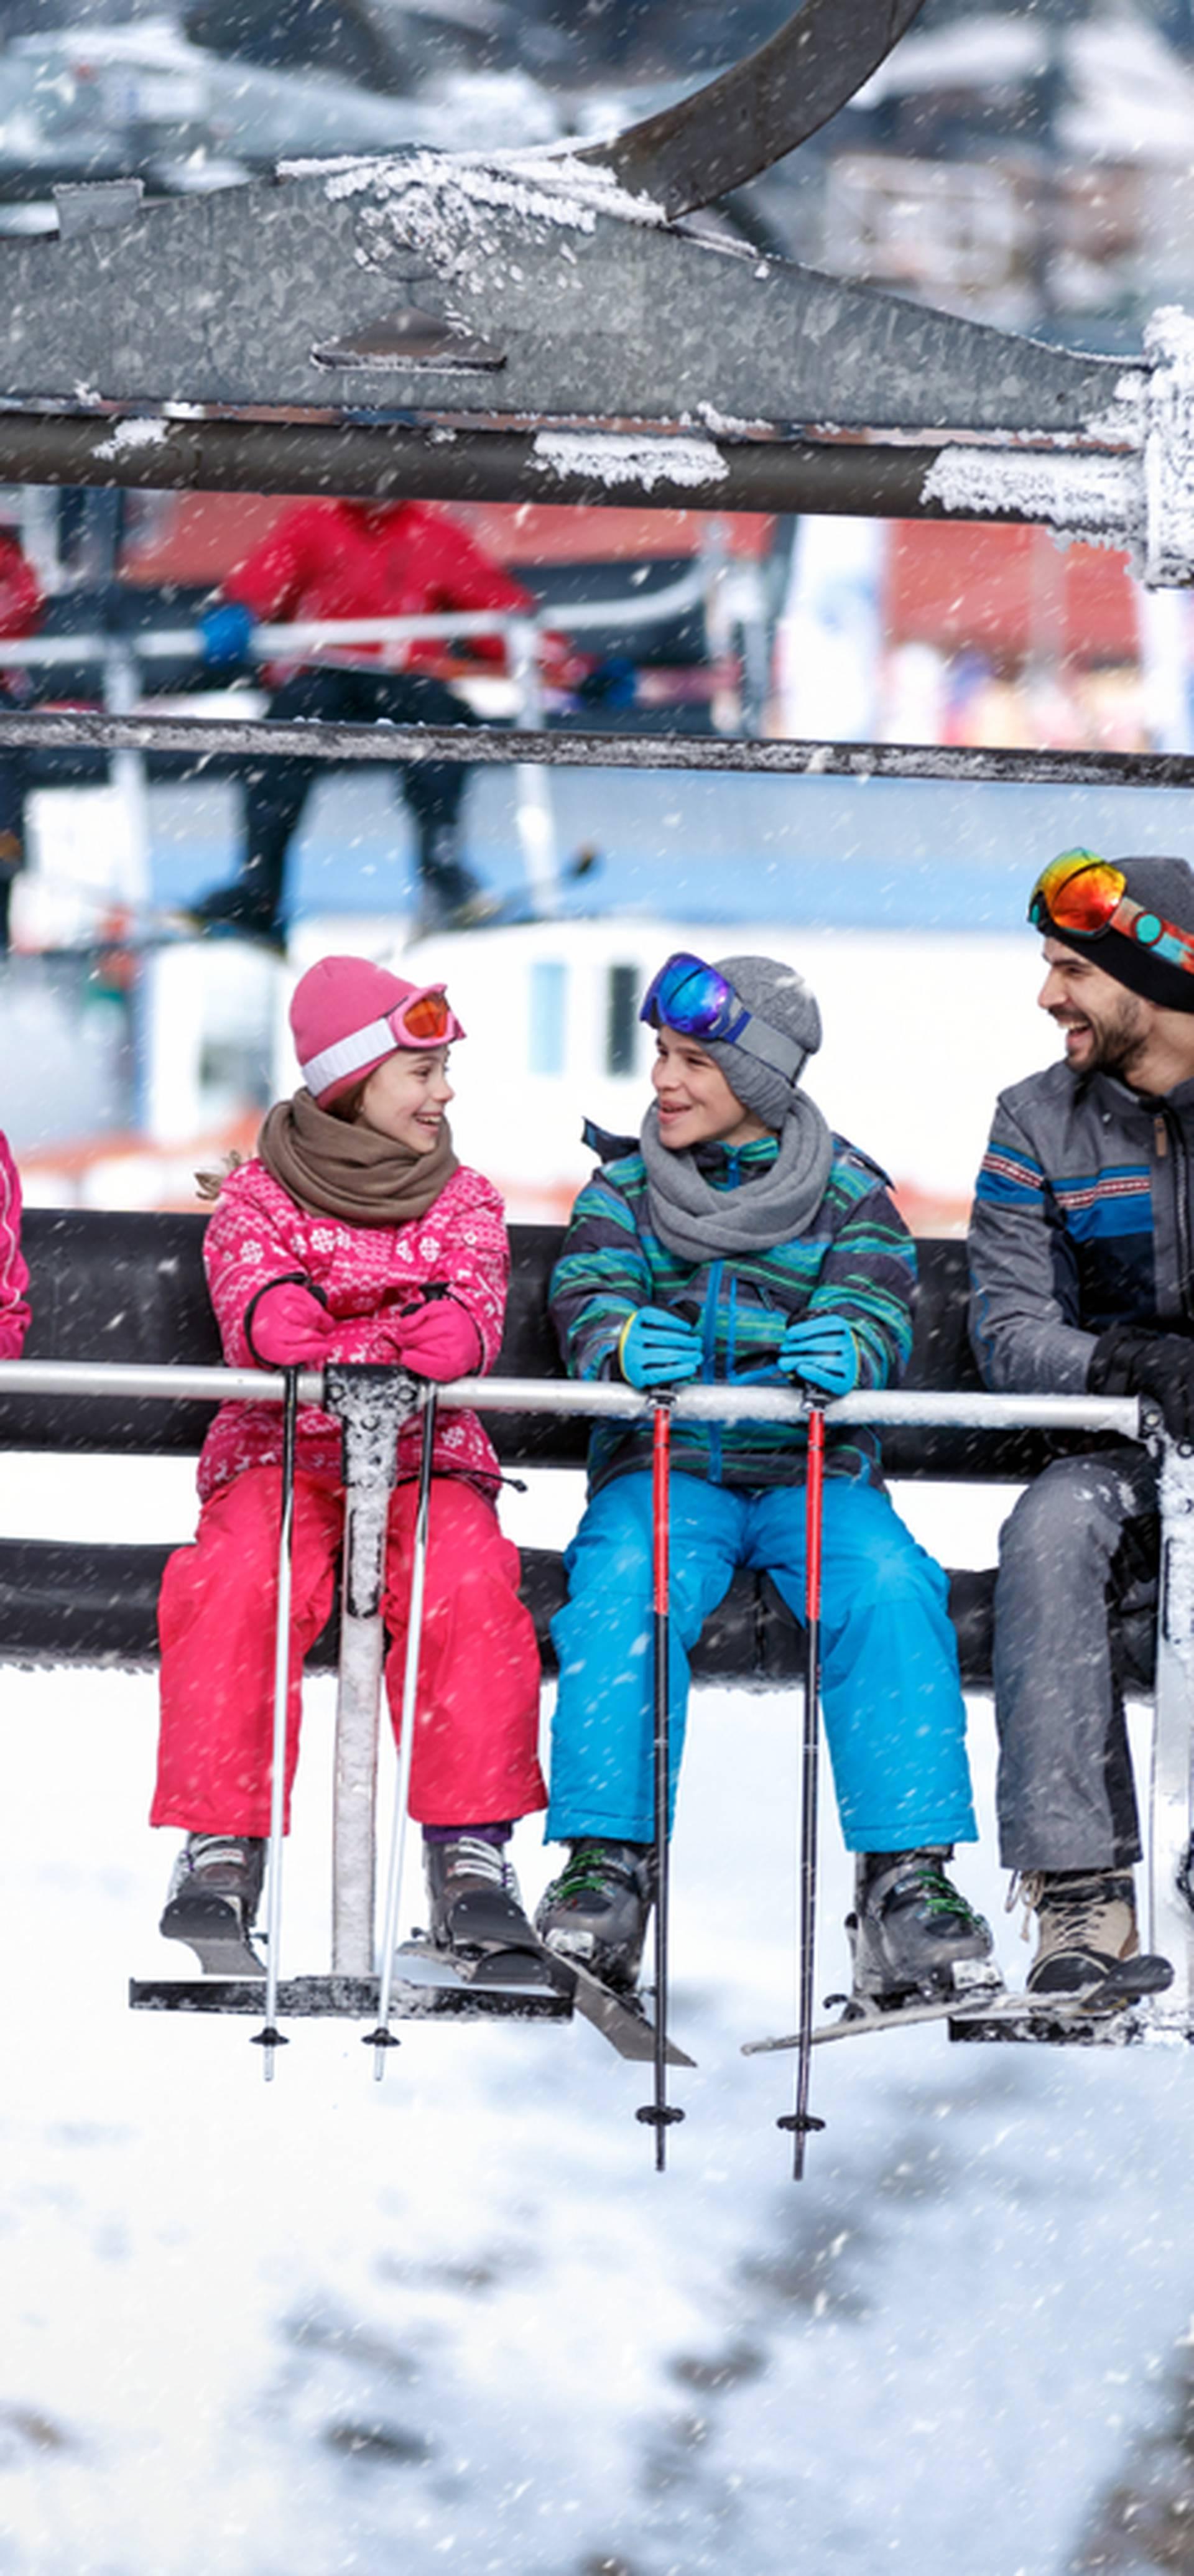 Krećete na skijanje? Obratite pozornost na ove savjete